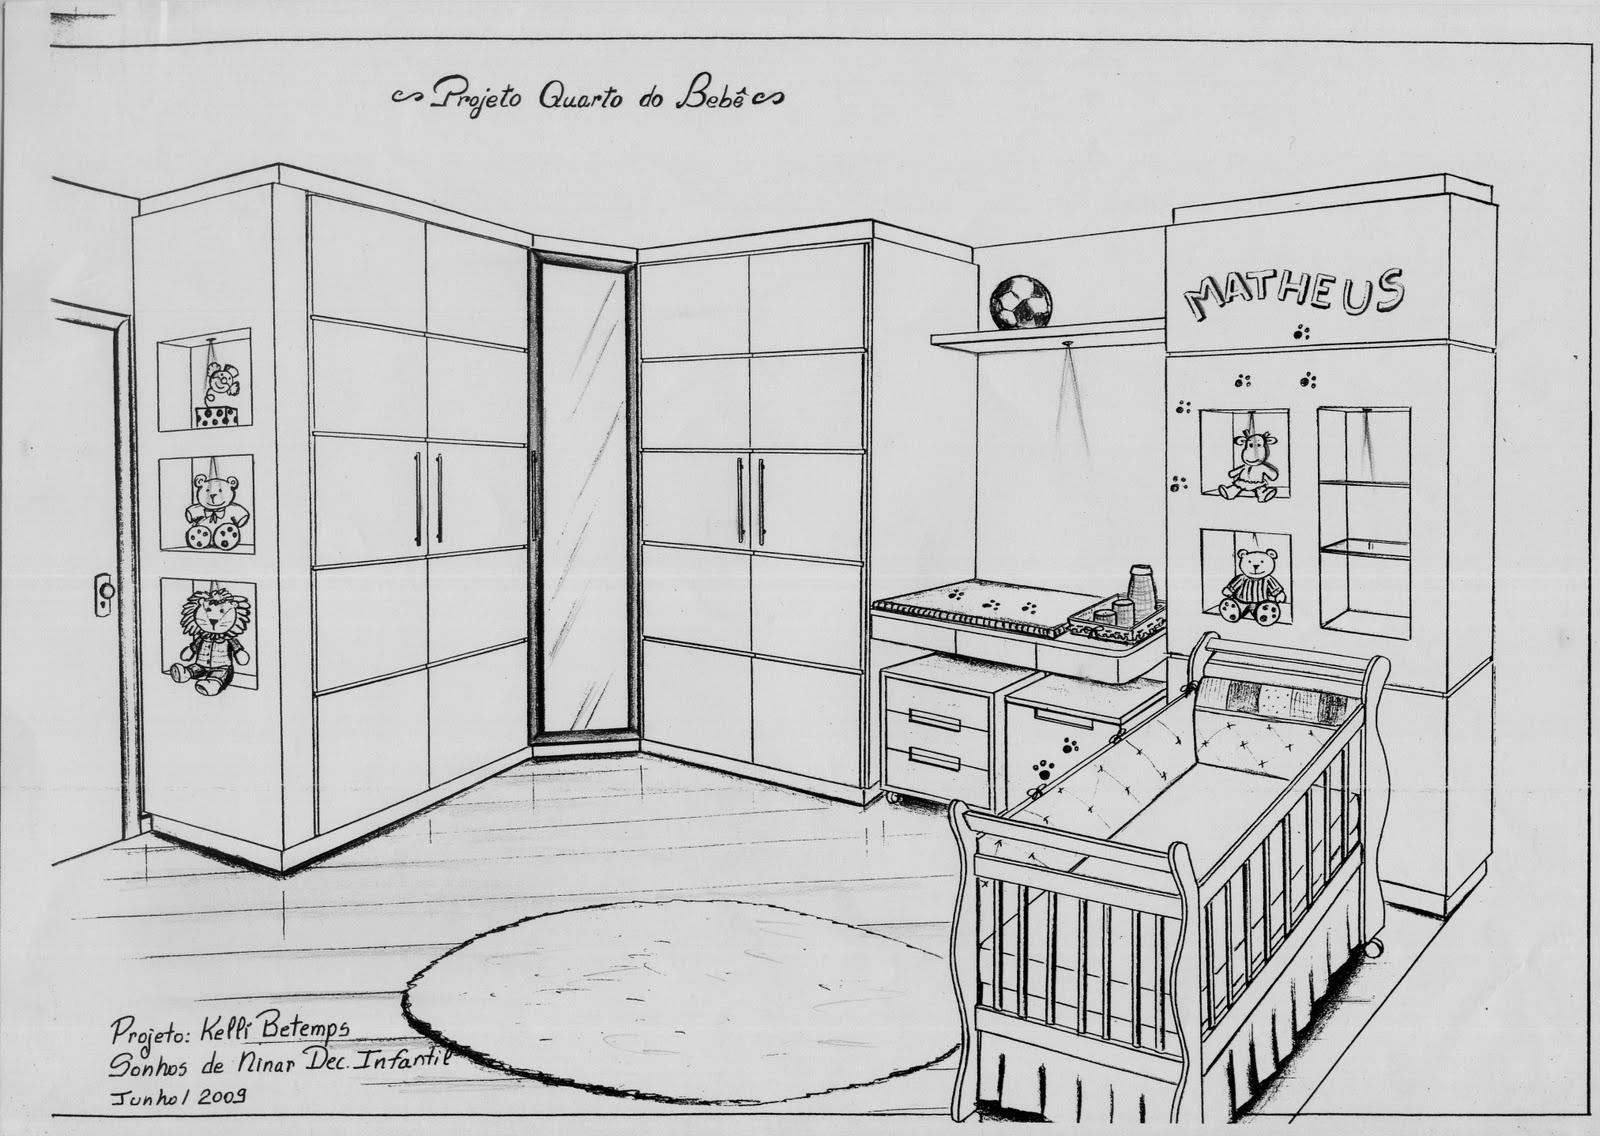 Kelli Betemps Design de Interiores Desenhos a mão livre e quartos de bebê